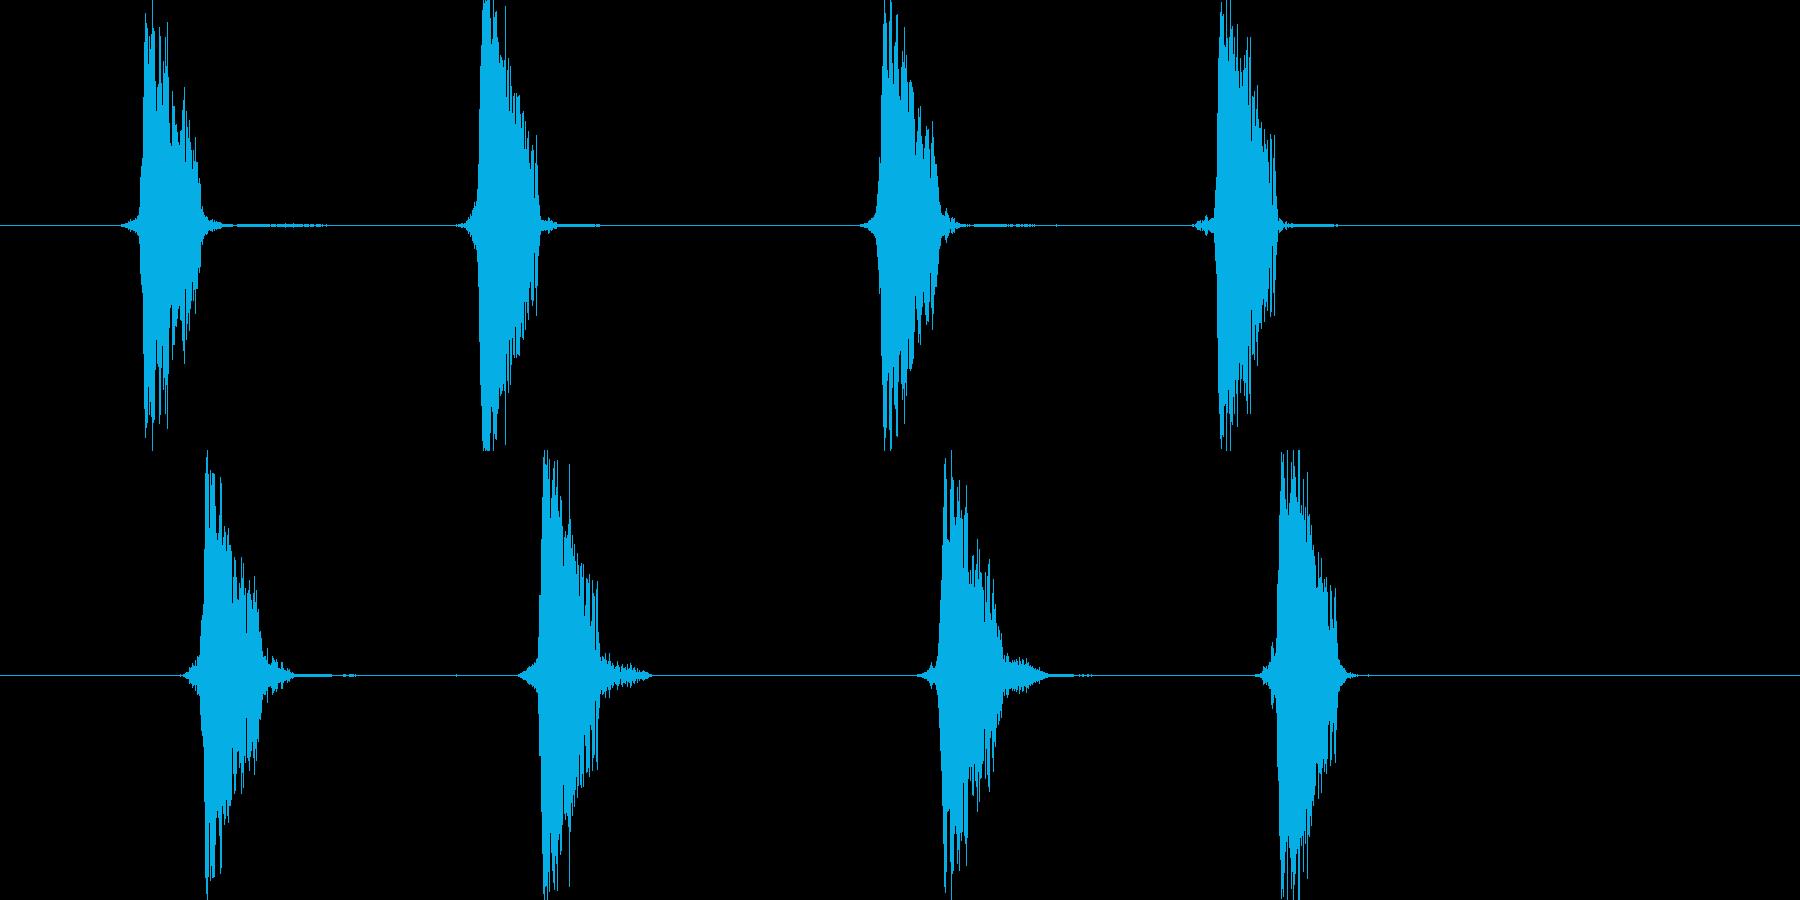 リセット音4(チャプチャ)の再生済みの波形